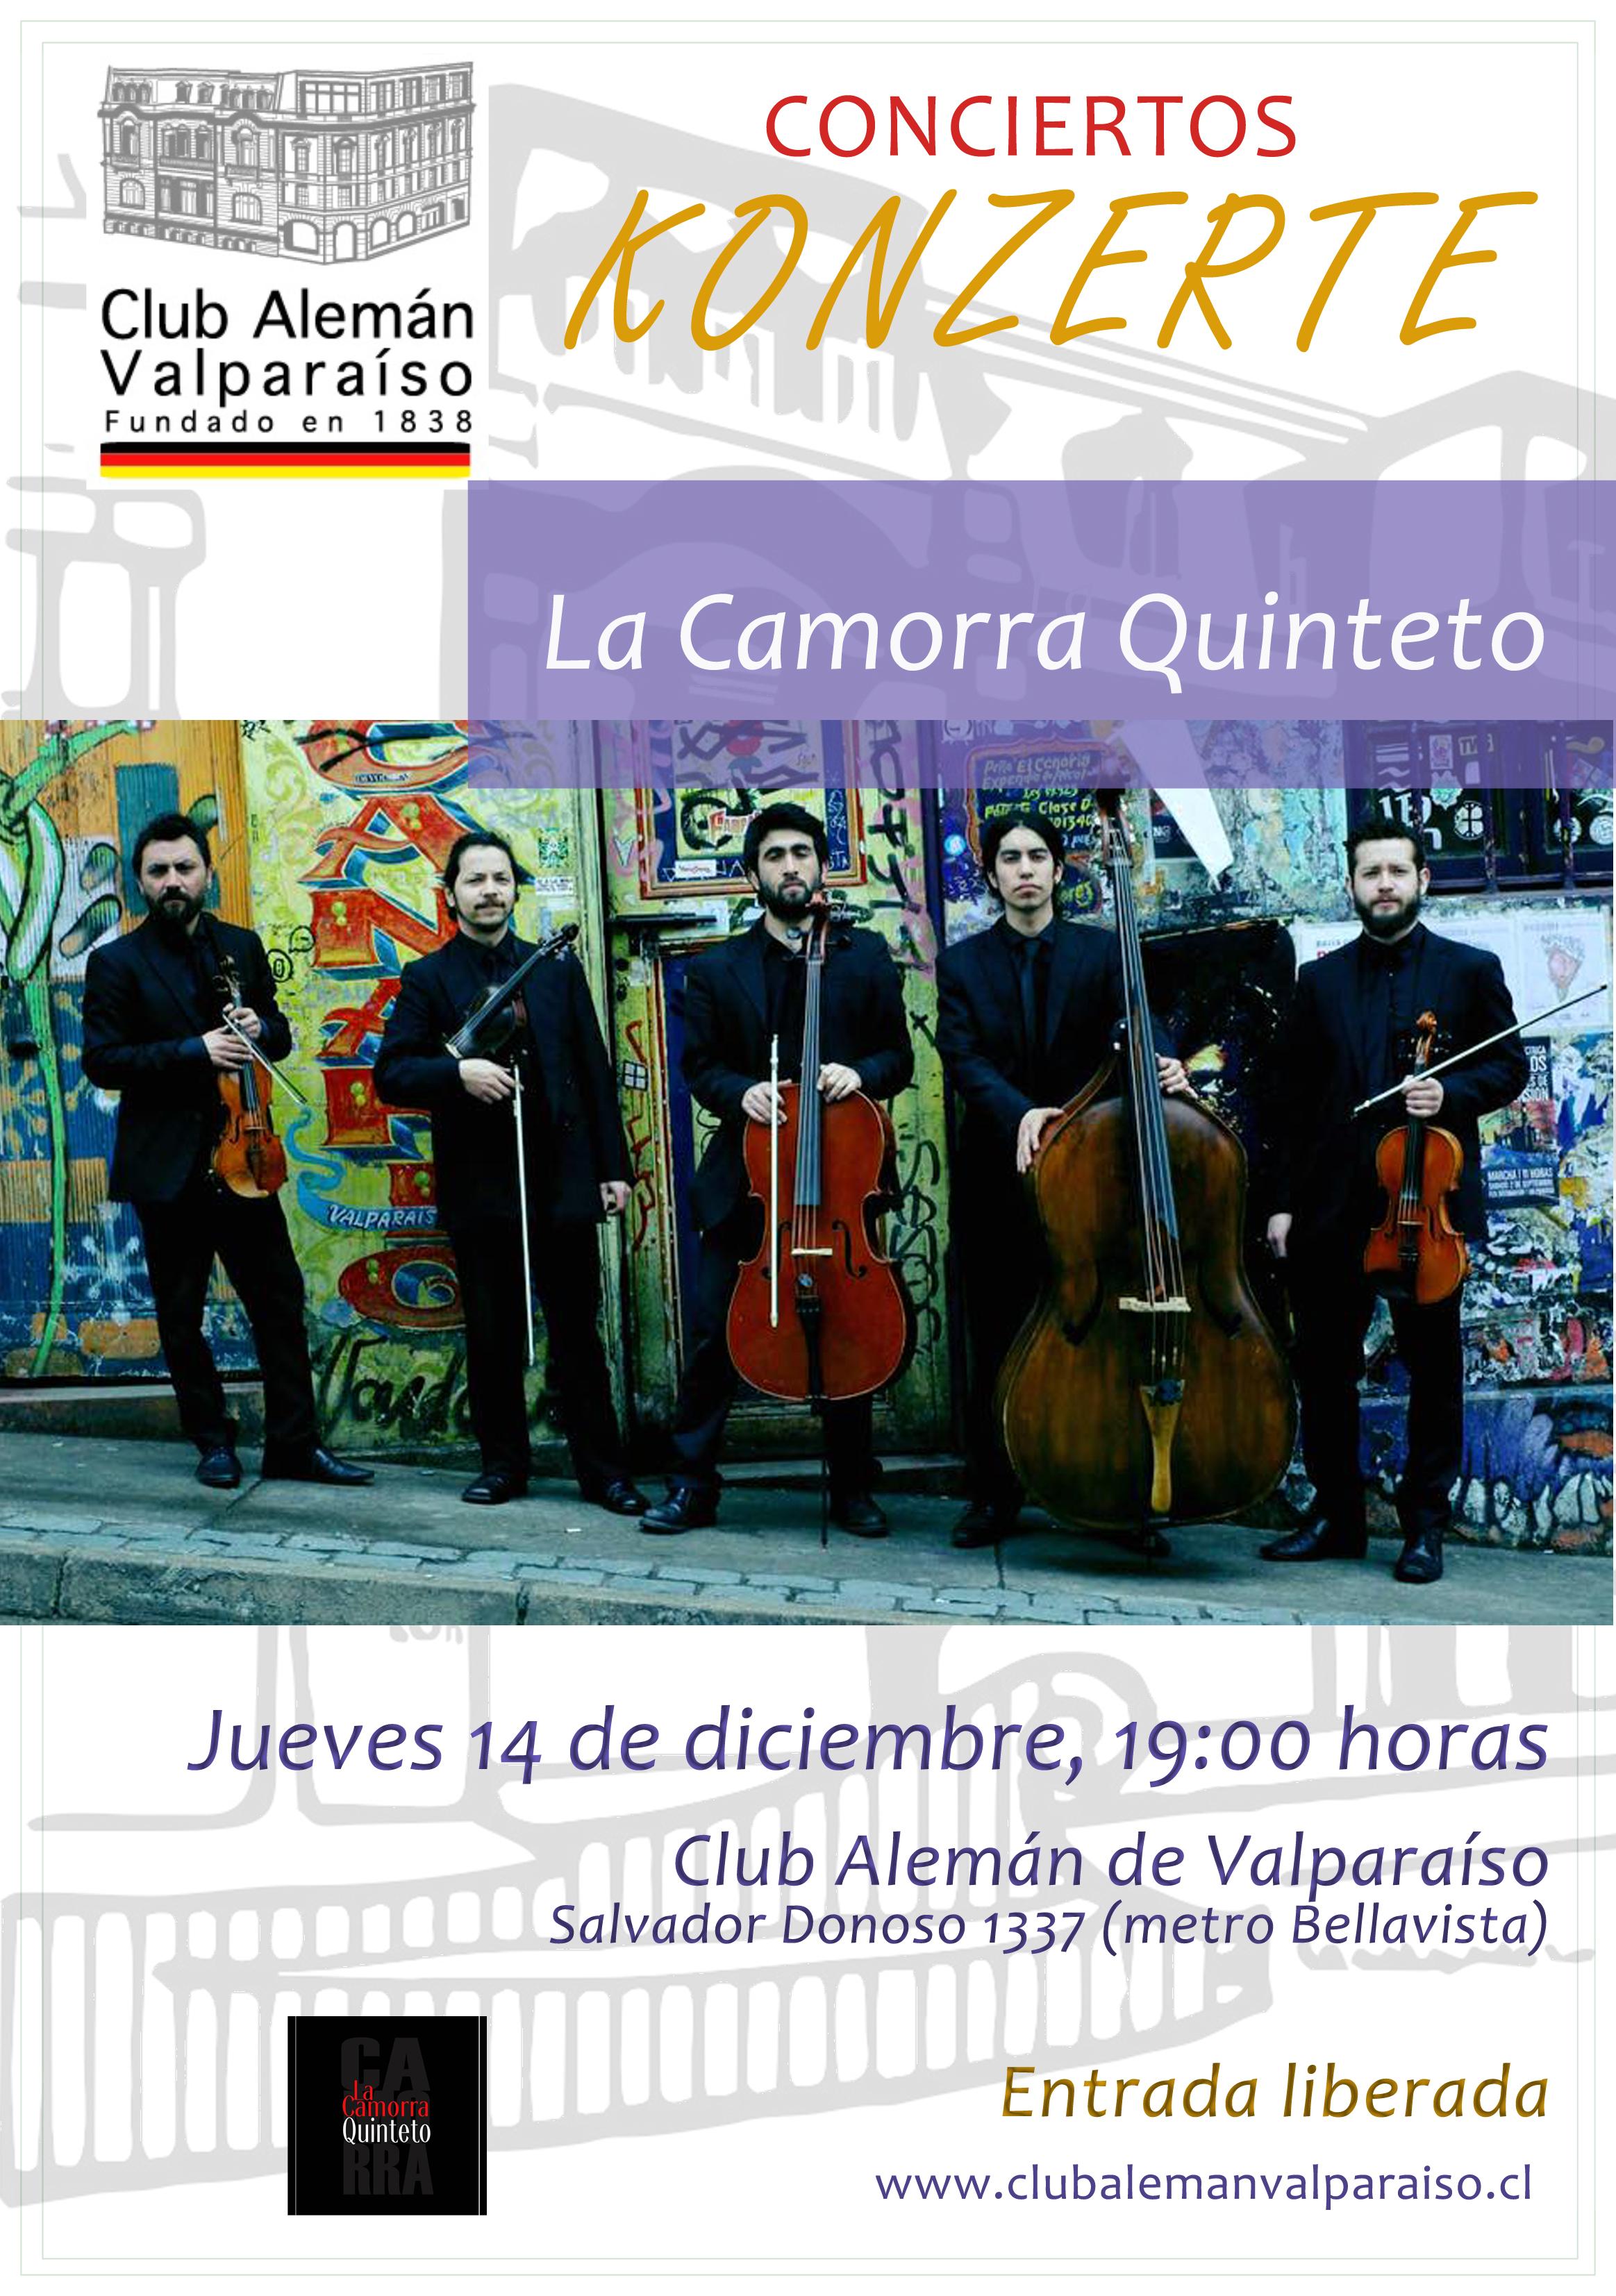 Concierto La Camorra Quinteto